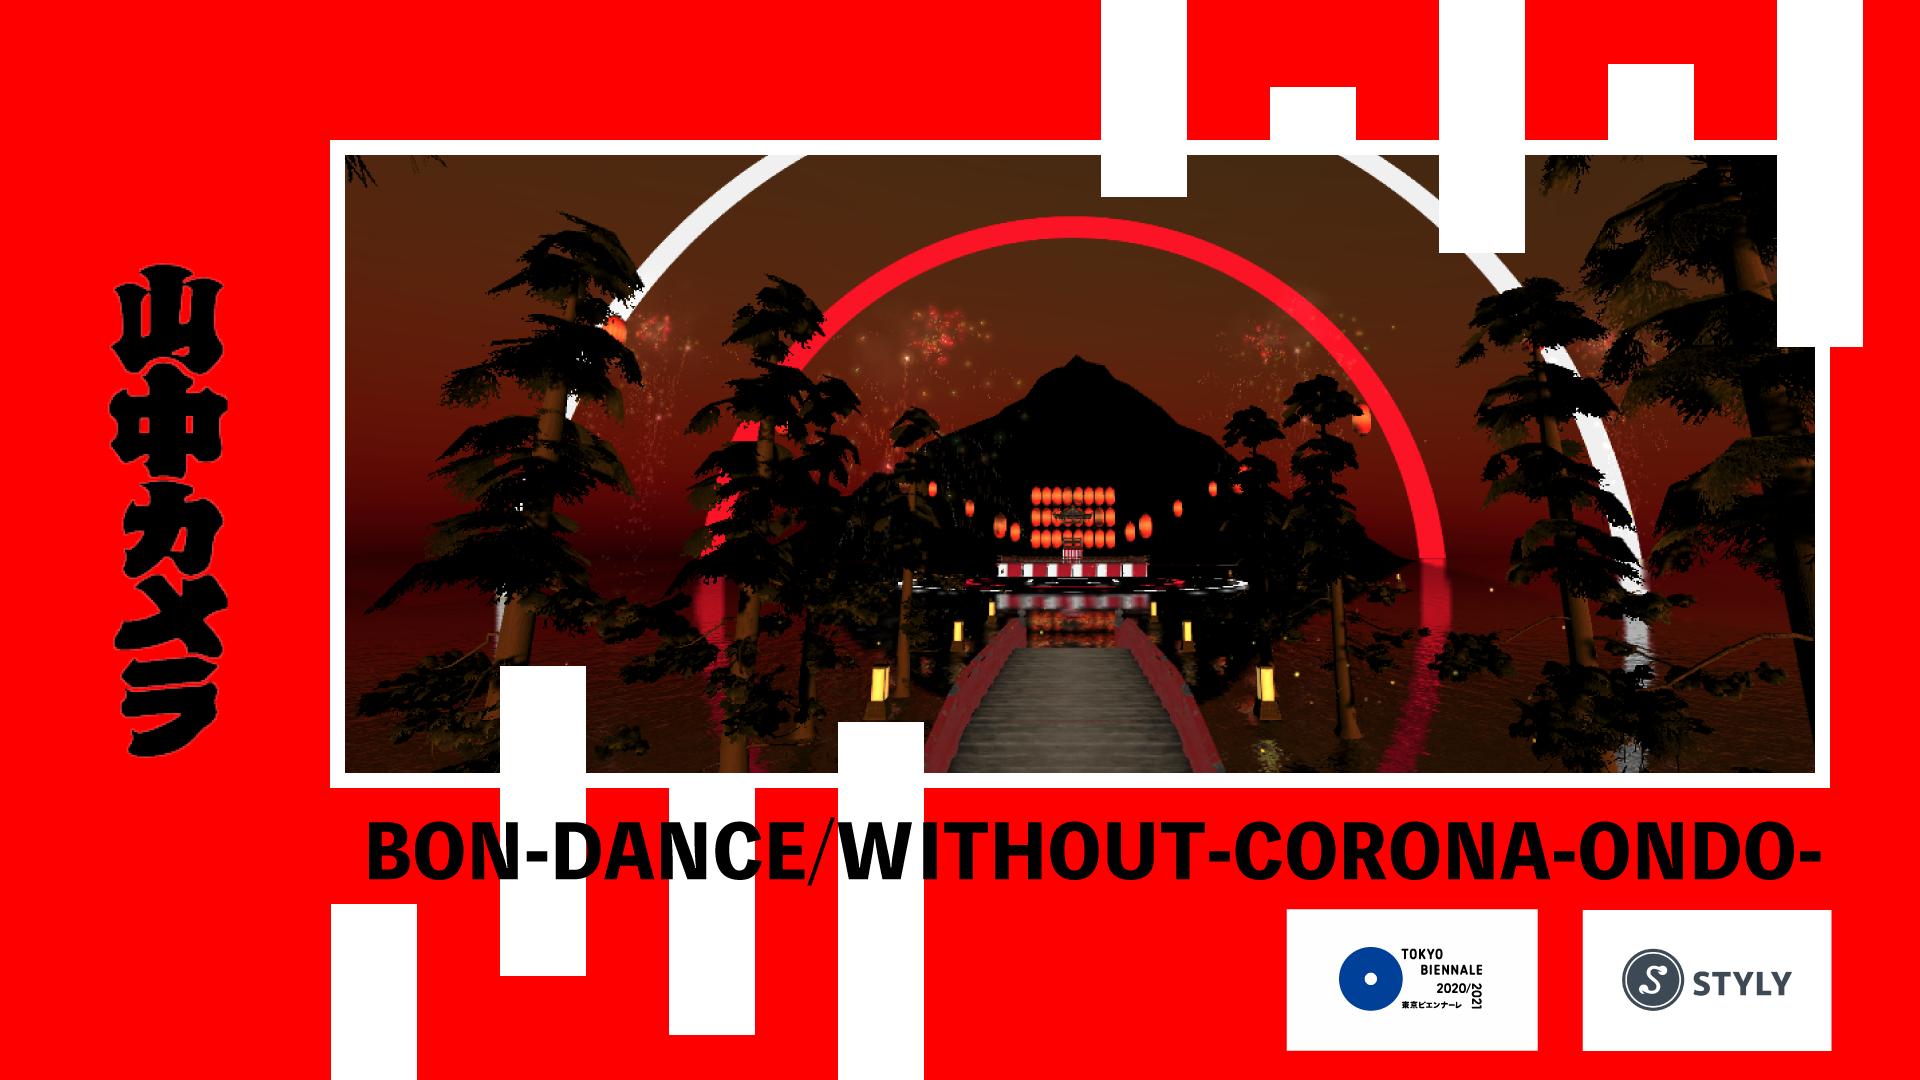 〈コロナのない世界〉=〈あの世〉で踊るボンダンス大会 山中カメラ 新曲発表